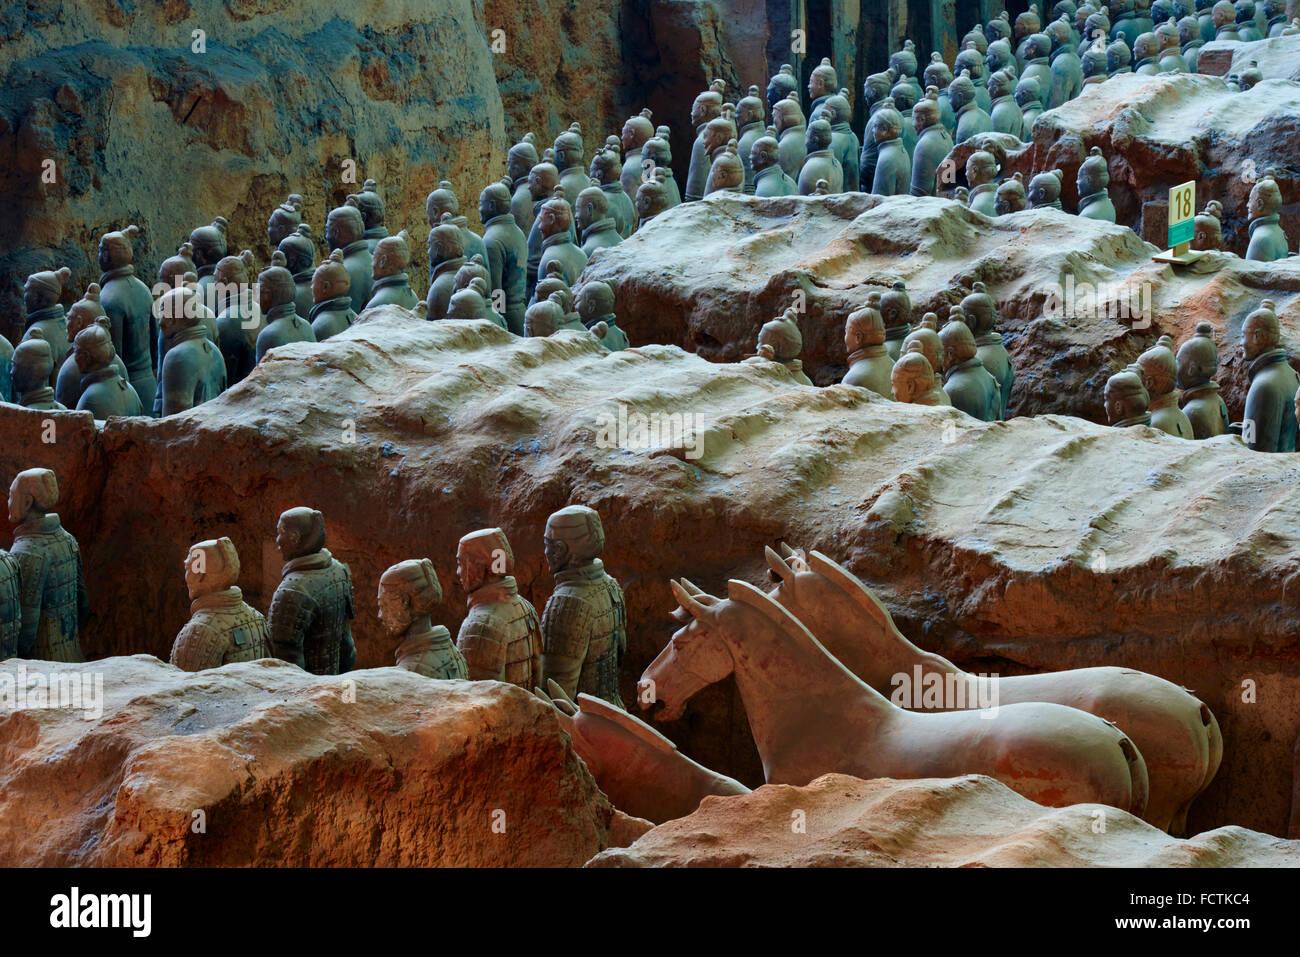 China, la provincia de Shaanxi, Xian, sitio Lintong, detalle de algunos de los seis mil estatuas en el ejército Foto de stock